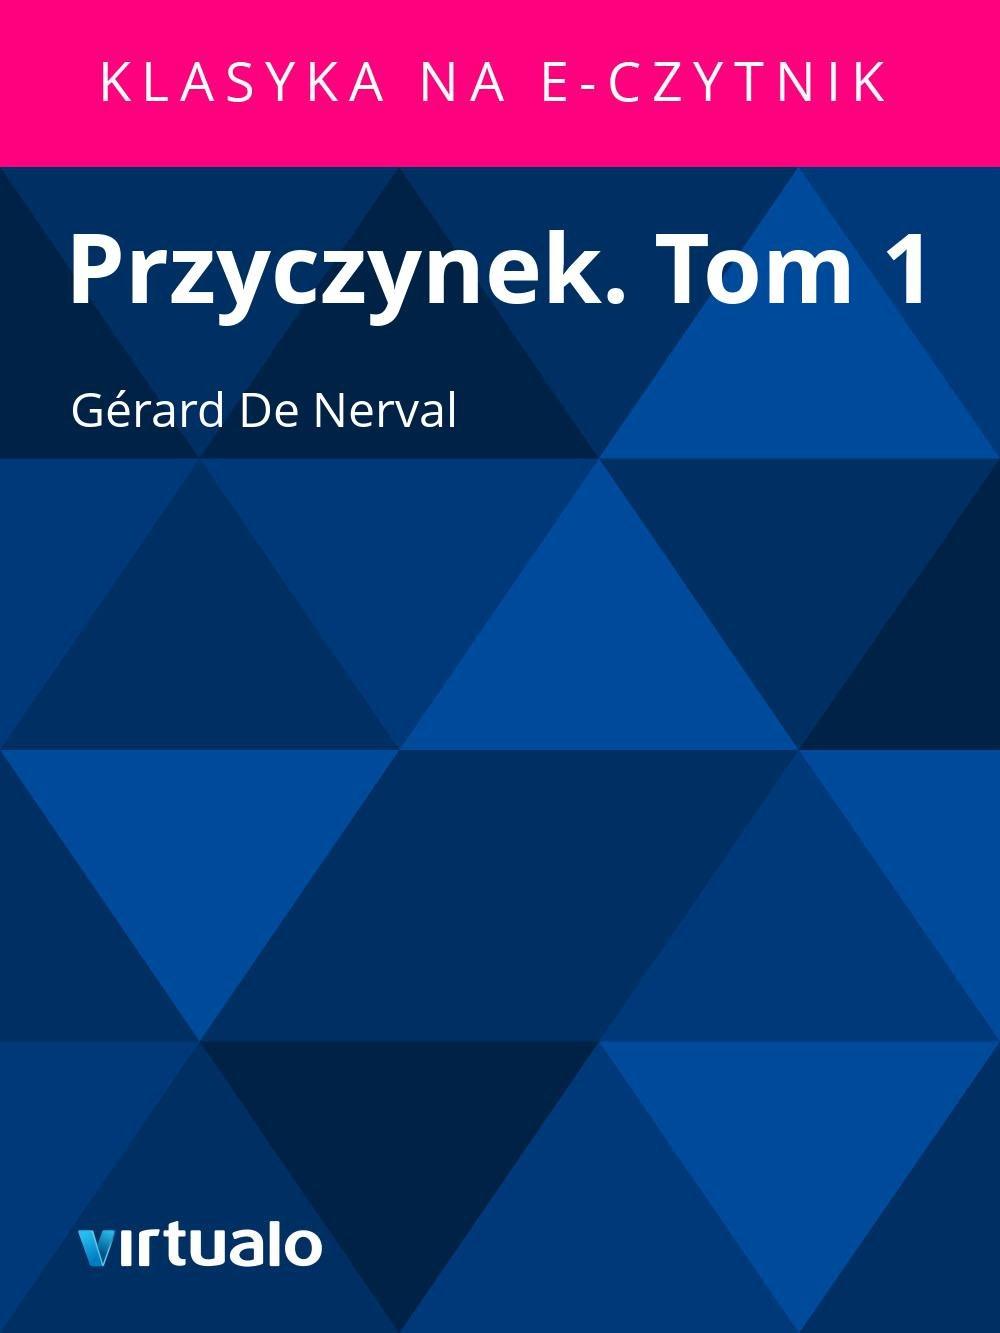 Przyczynek. Tom 1 - Ebook (Książka EPUB) do pobrania w formacie EPUB